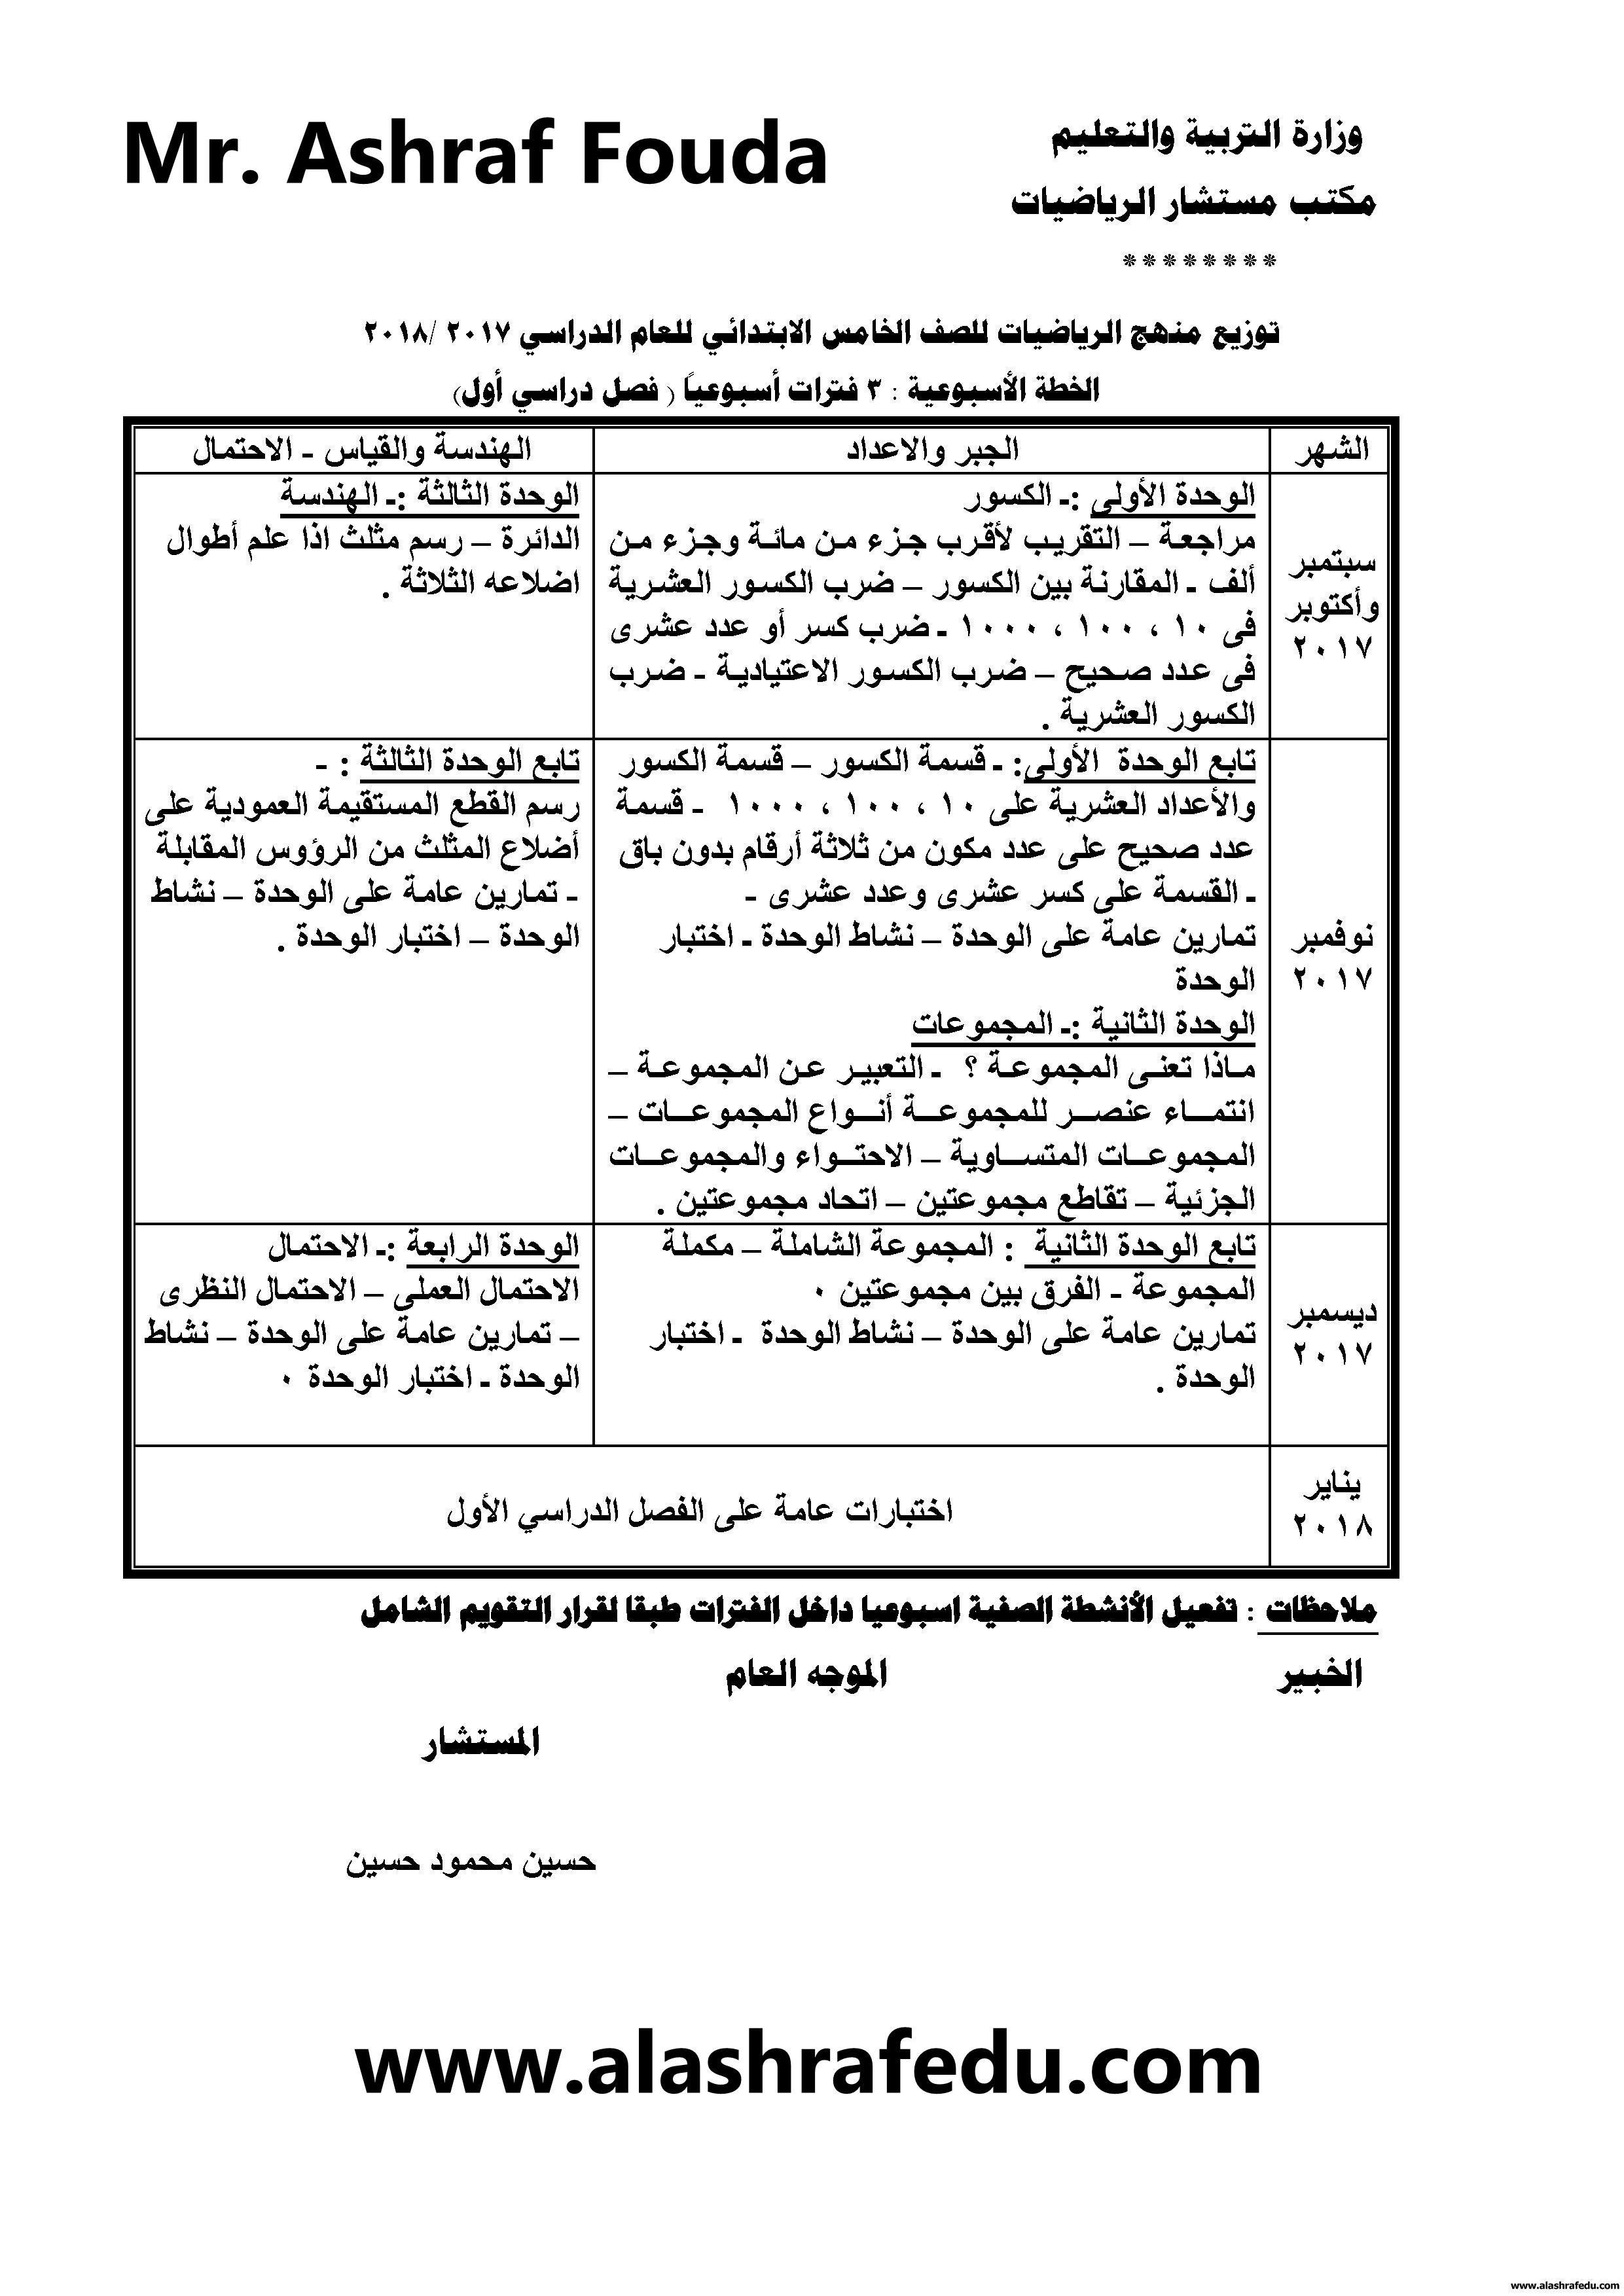 توزيع منهج الرياضيات 2018 الخامس الإبتدائى الترم www.alashrafedu.com1